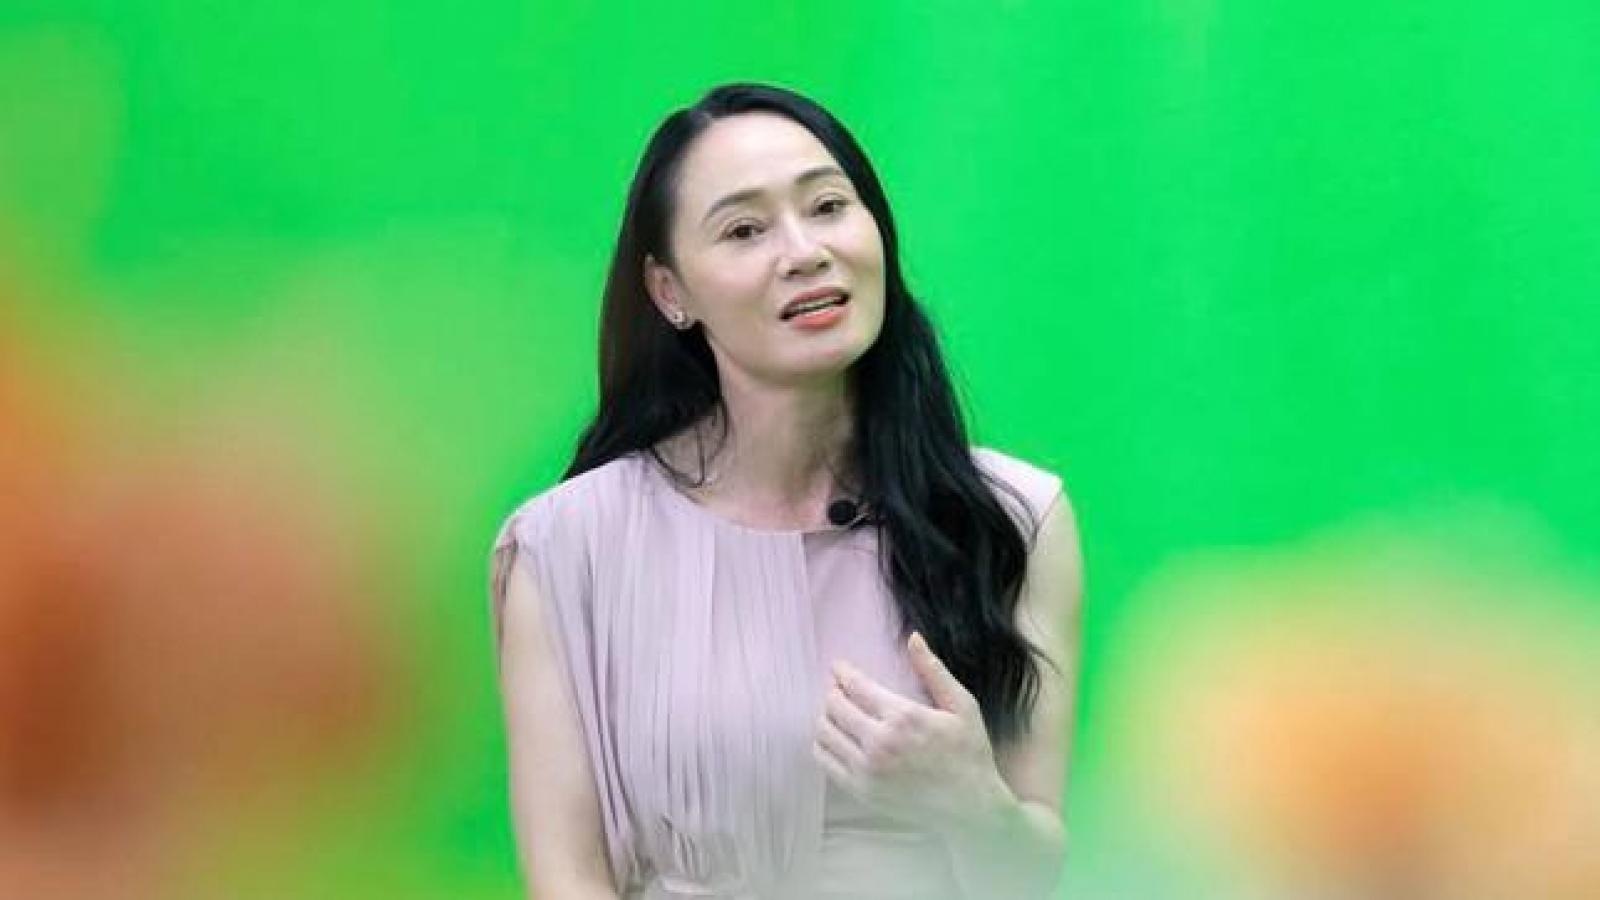 """Chuyện showbiz: Quách Thu Phương: """"Gạch đá từ khán giả đủ để tôi xây được mấy cái lâu đài"""""""